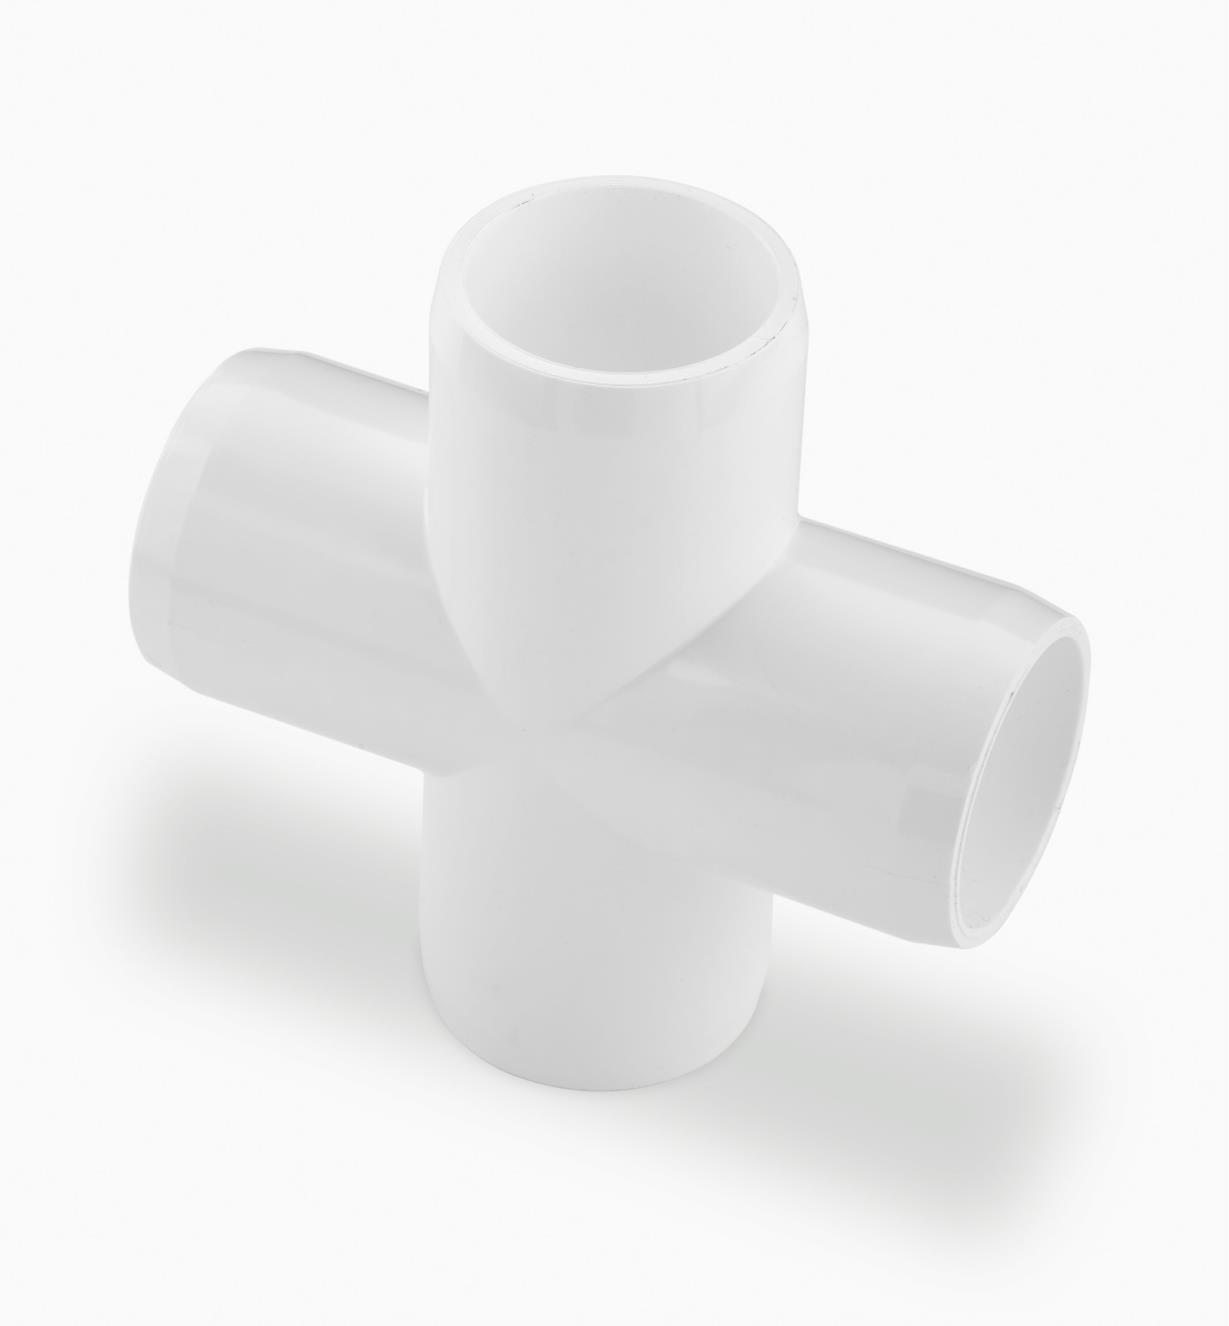 EA275 - Raccord croix en PVC, 3/4 po, l'unité